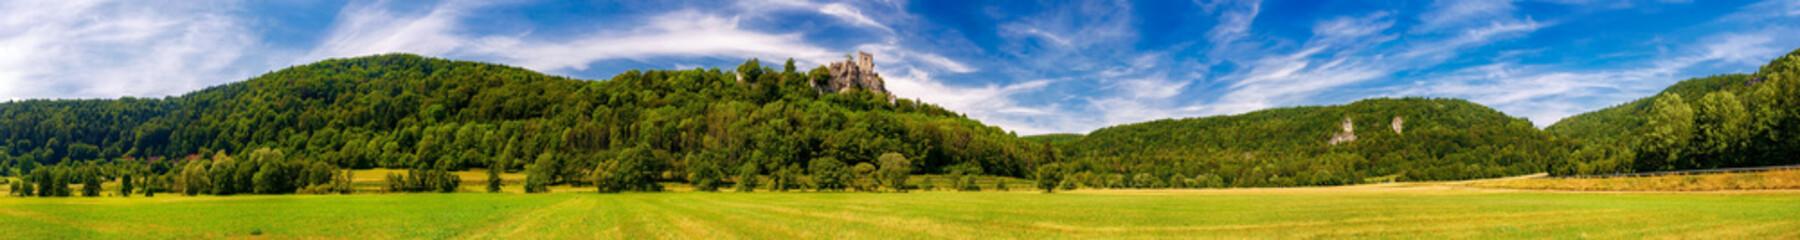 Burgruine Neideck über dem Wiesenttal, Fränkische Schweiz, Bayern